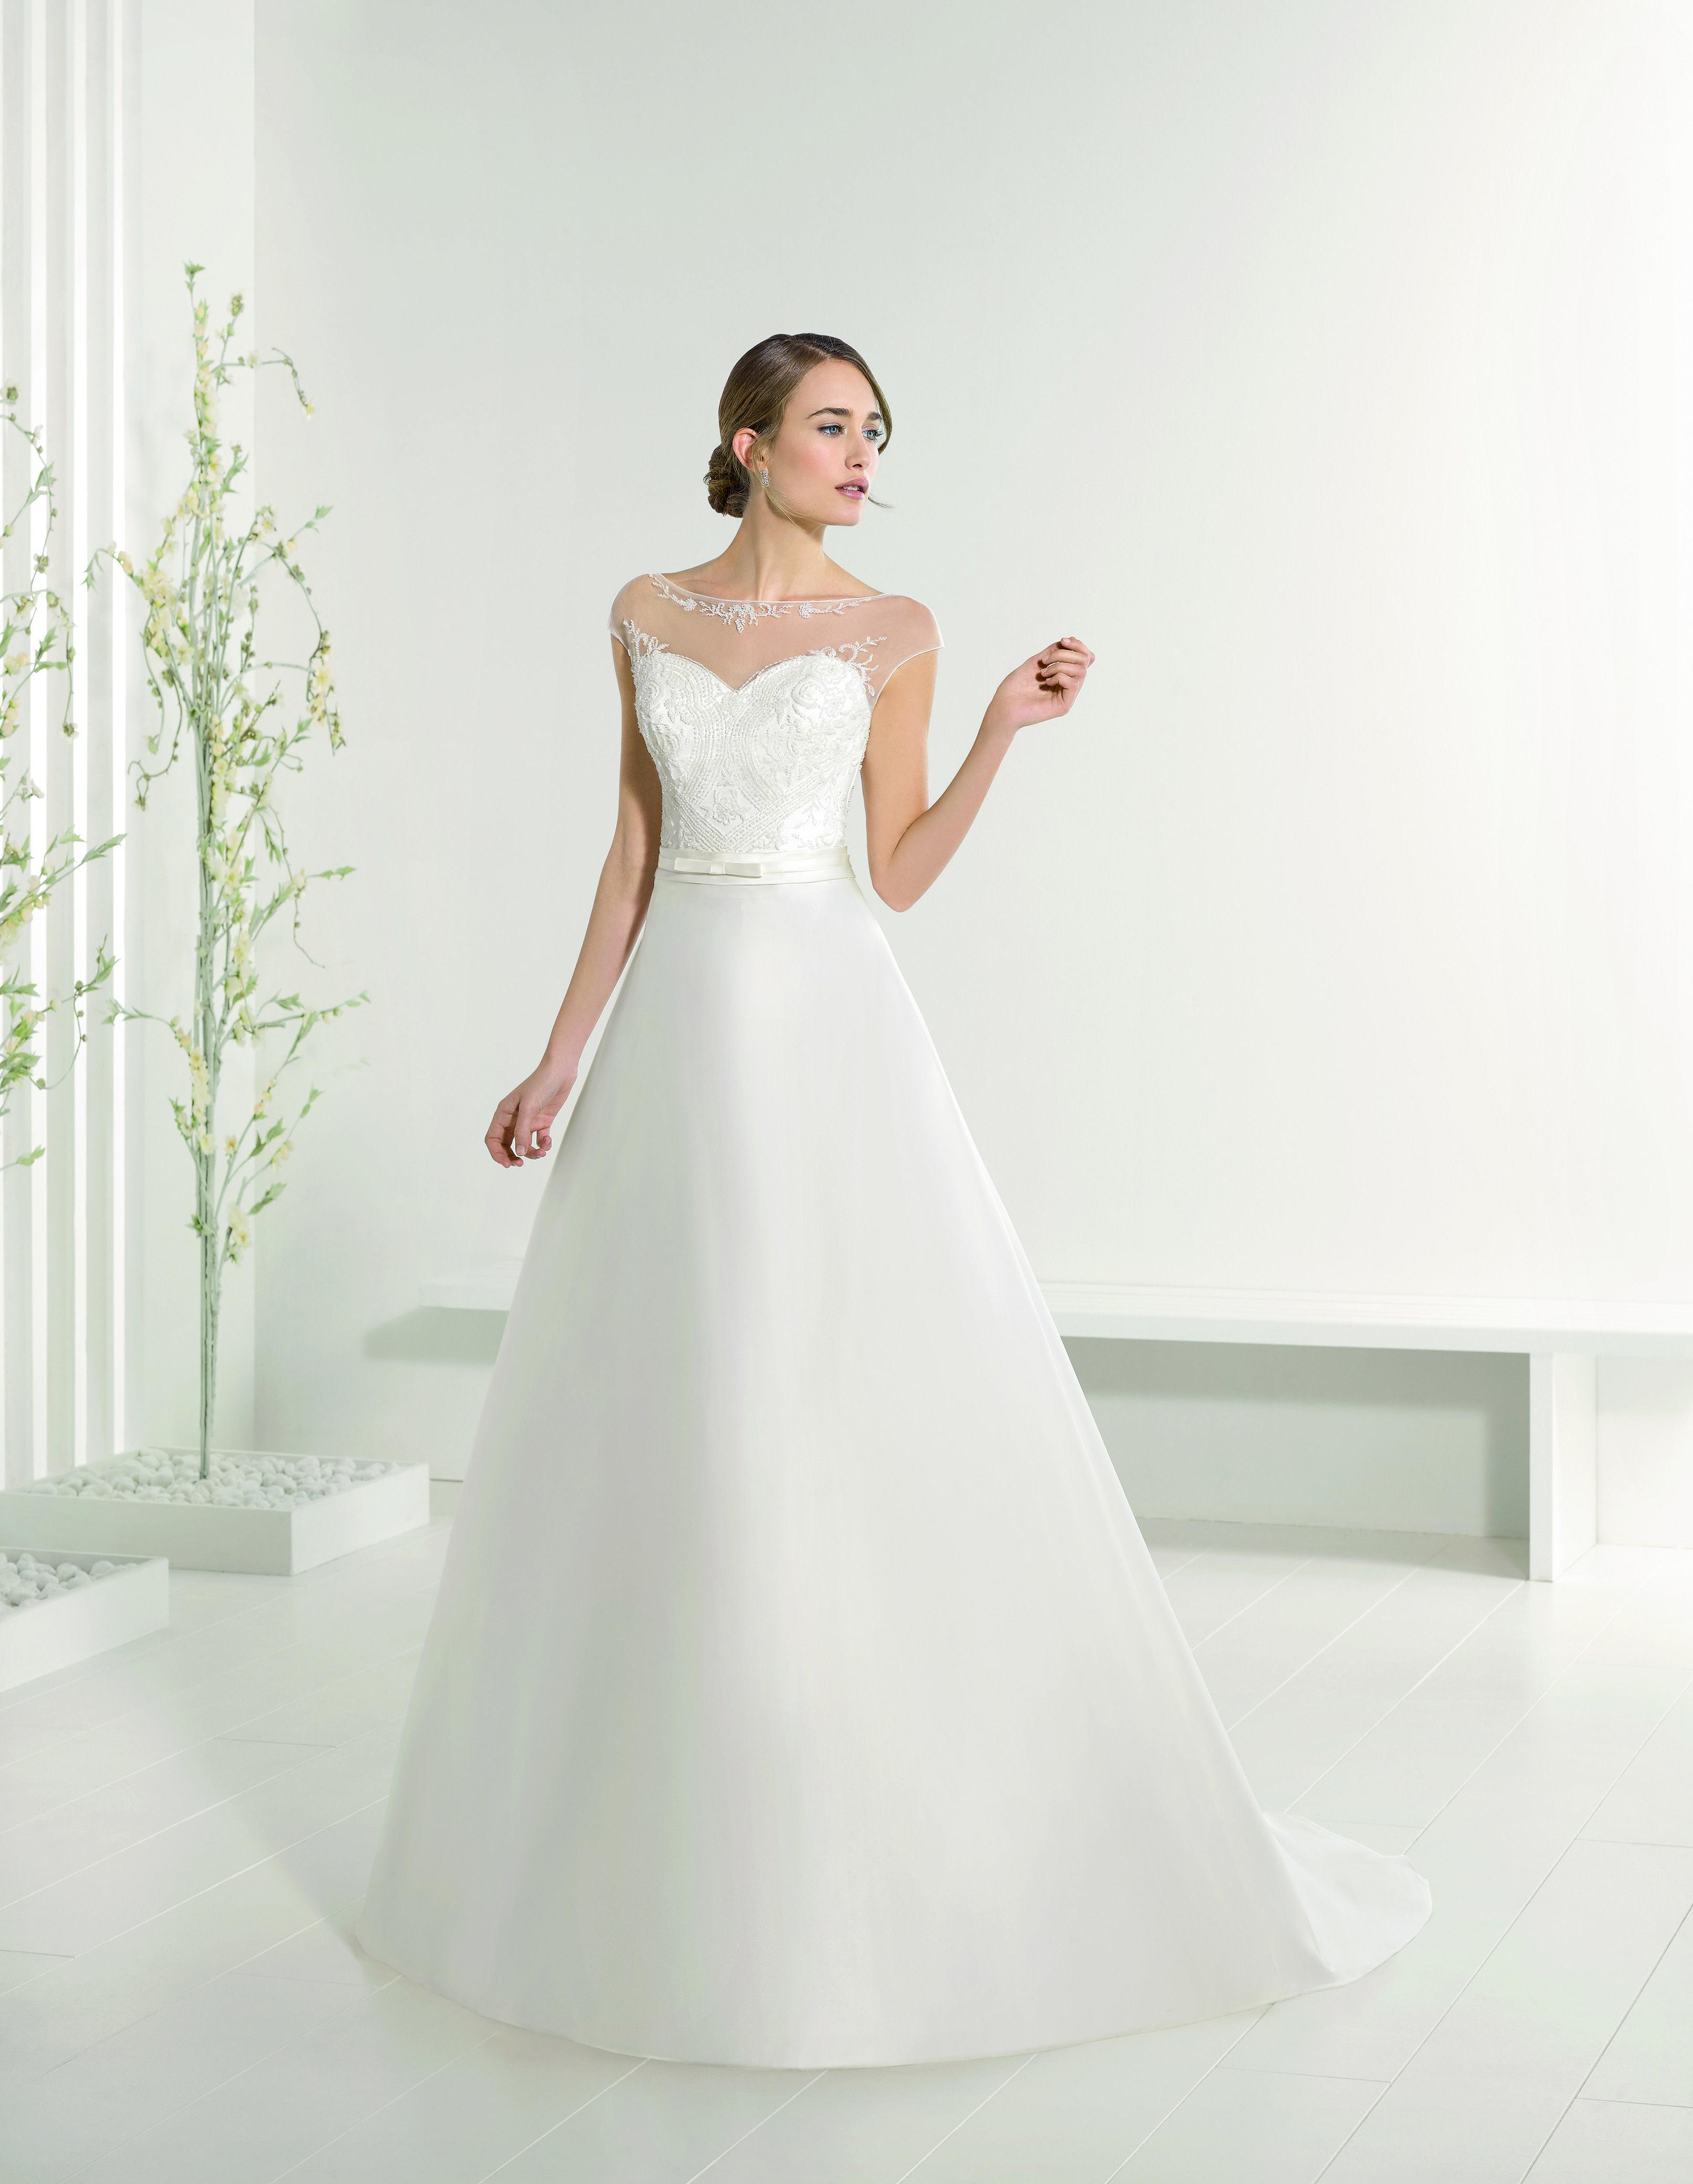 65b1a20583b6 Abito da sposa in mikado corpetto luminoso Adriana Alier Rosa Clara  2016  per Bride Project Buttrio www.brideproject.it